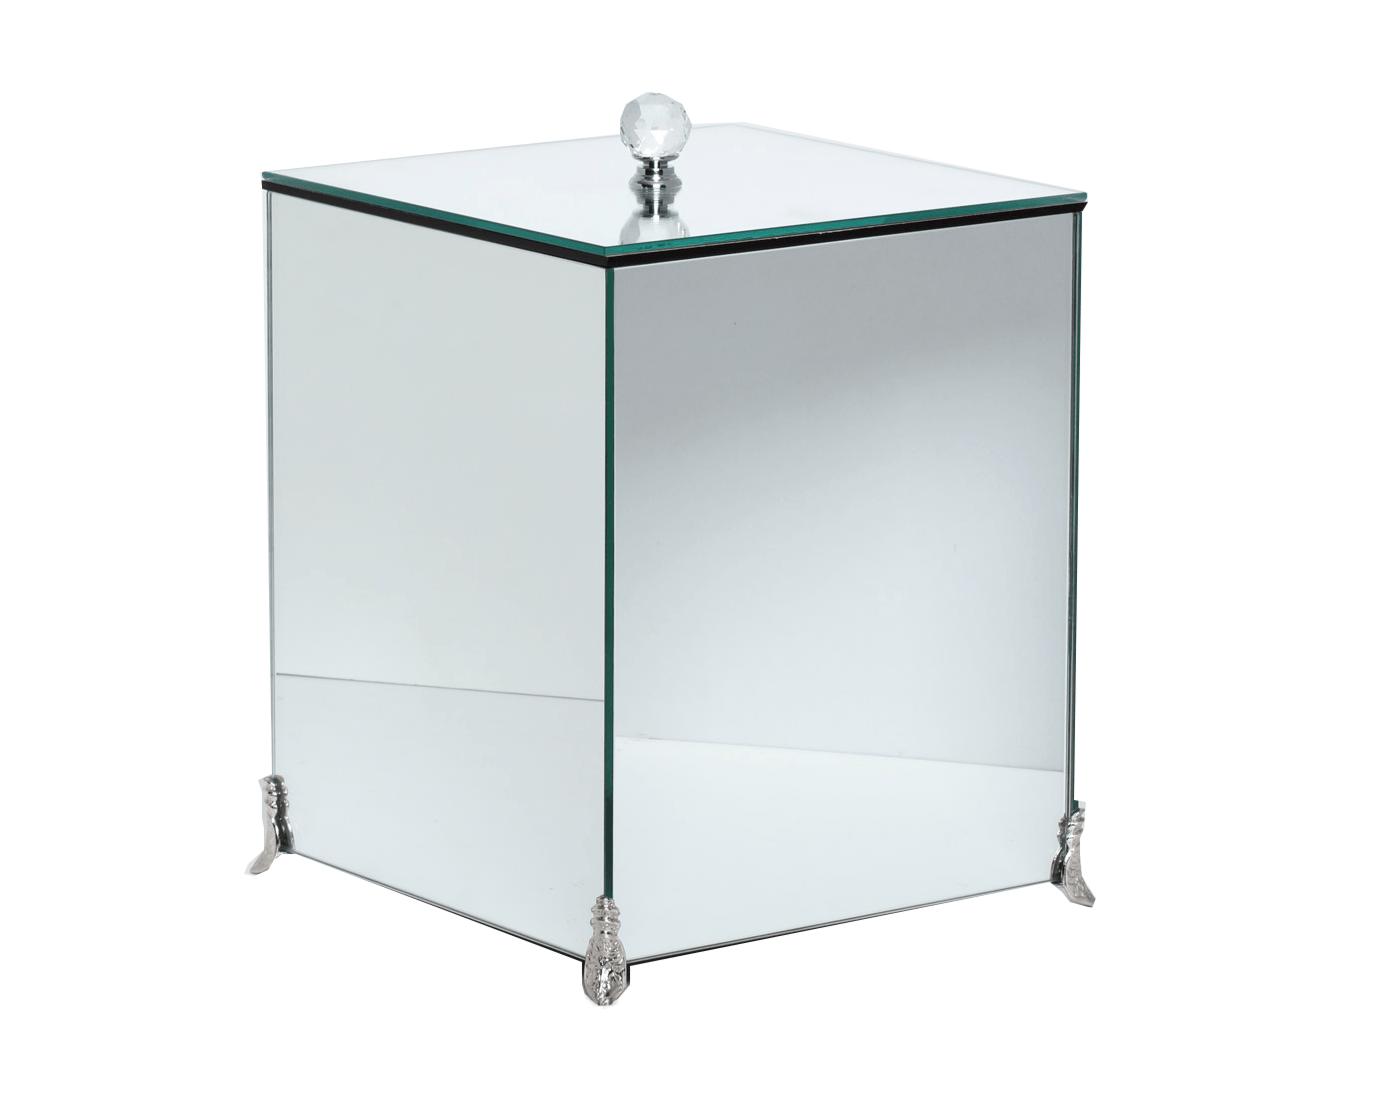 Lixeira Espelhada Lavabo Puxador Cristal Pés Metálicos CR Vidros